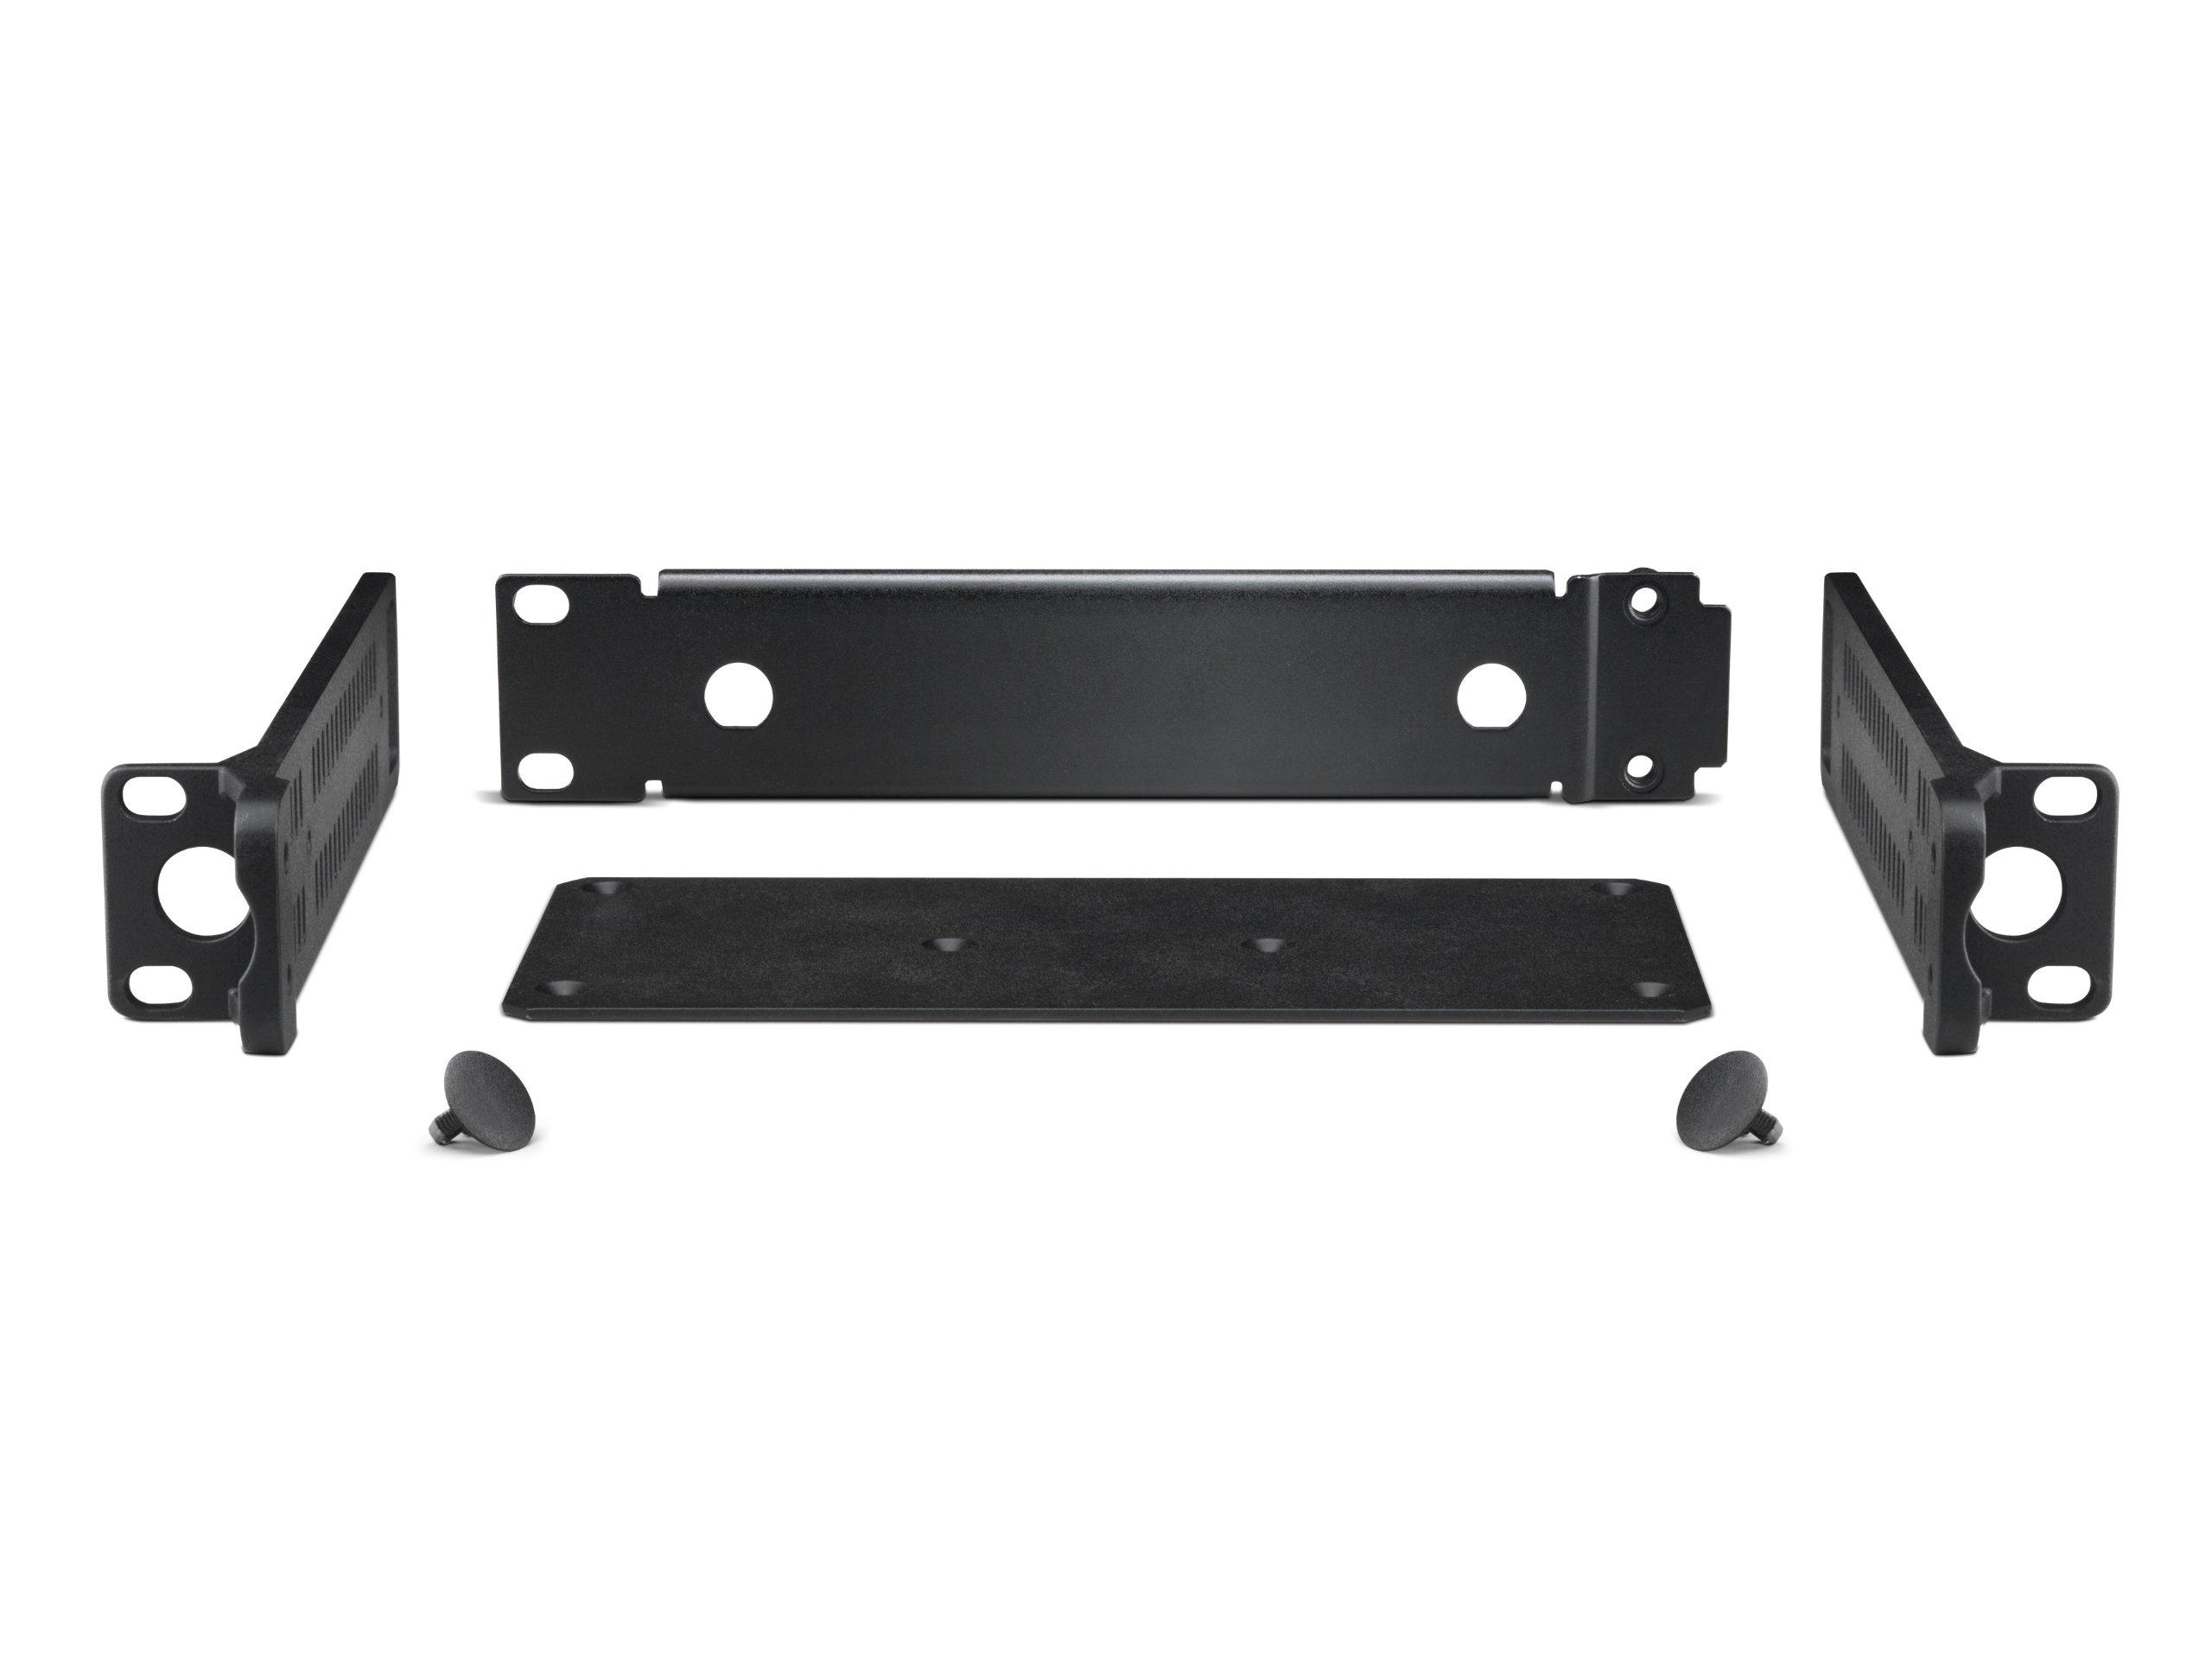 Sennheiser GA 3 rackmount kit